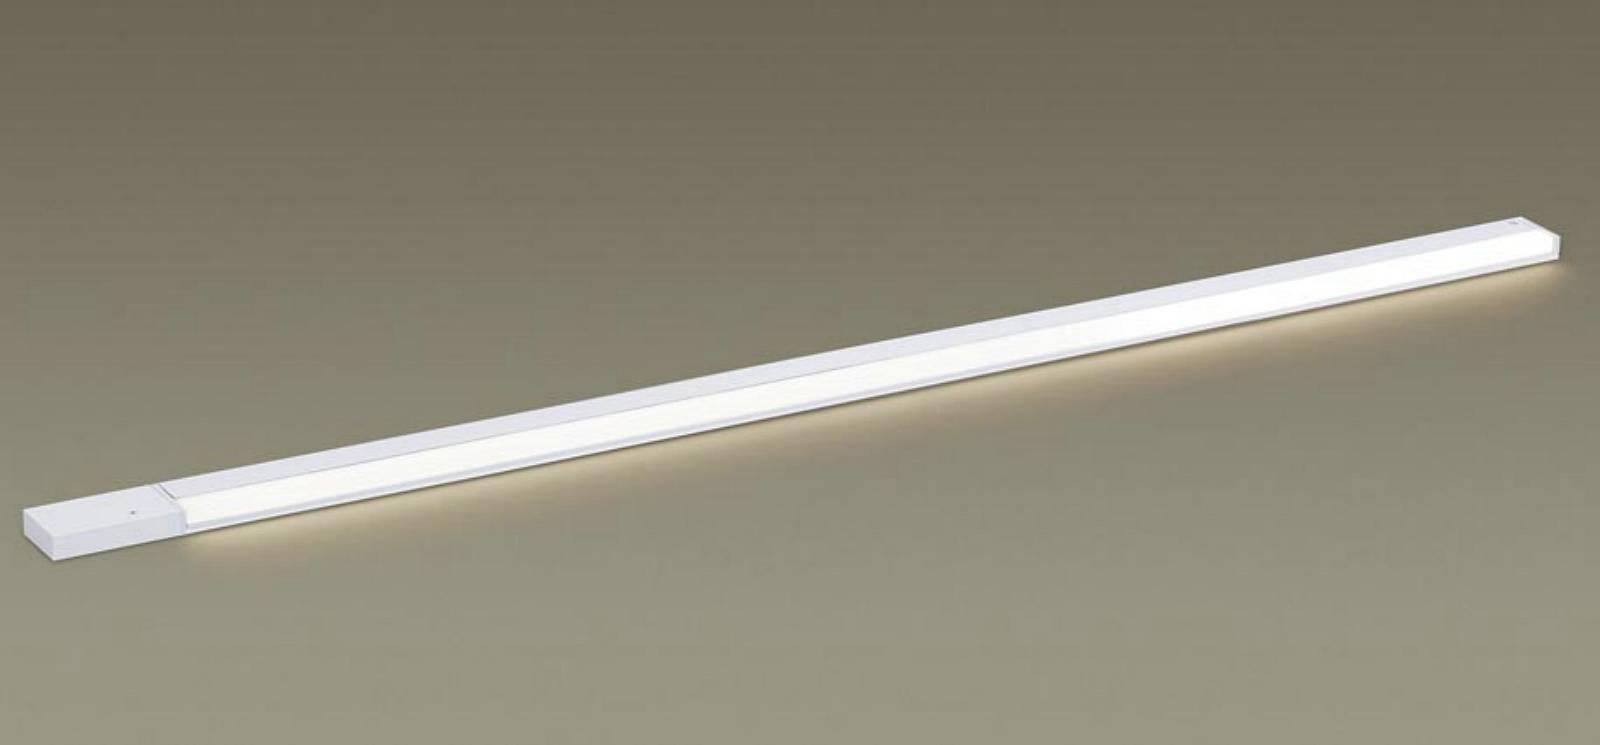 T区分 パナソニック LGB51261XG1 ベースライト 建築化照明器具 畳数設定無し LED【setsuden_led】